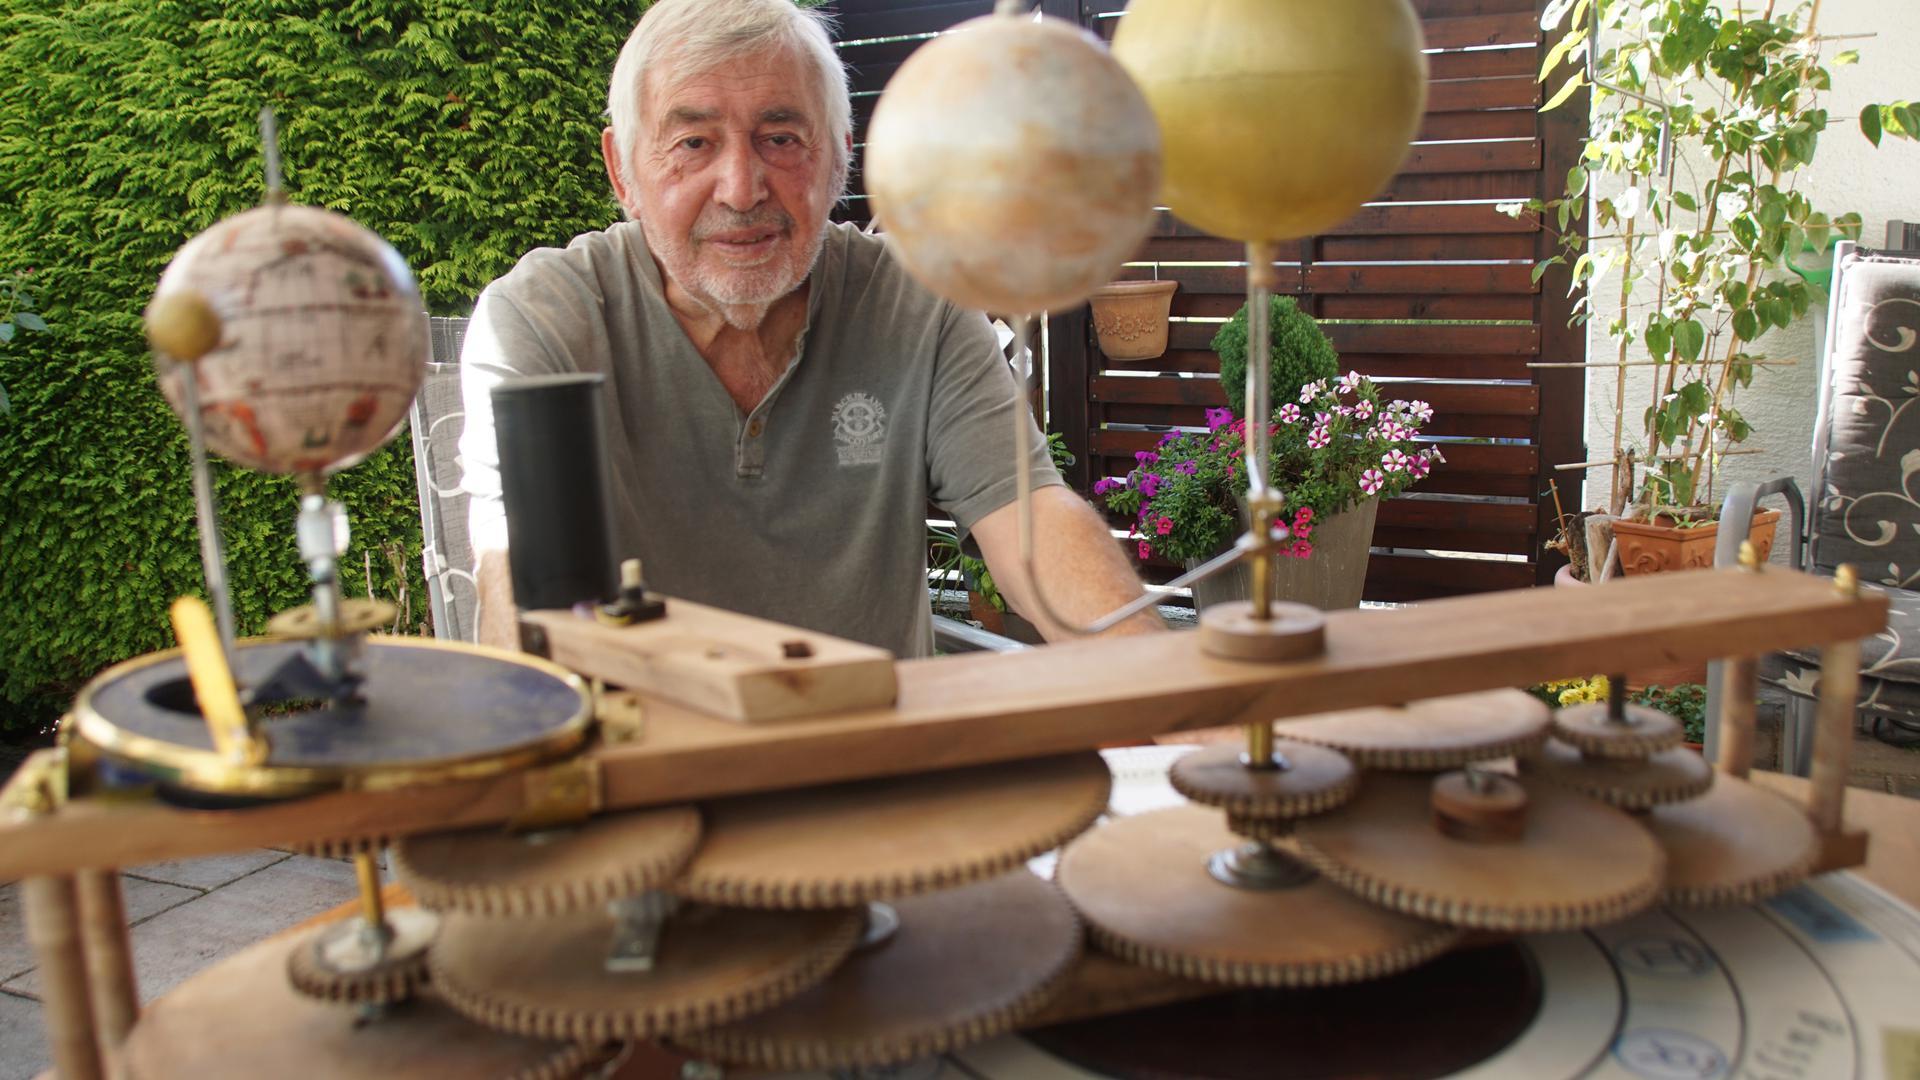 Lässt die Planeten wandern: Richard Bischoff aus Keltern hat ein Tellurium gebaut, das anzeigt, wie Sonne, Mond, Erde, Merkur und Venus zueinander stehen.